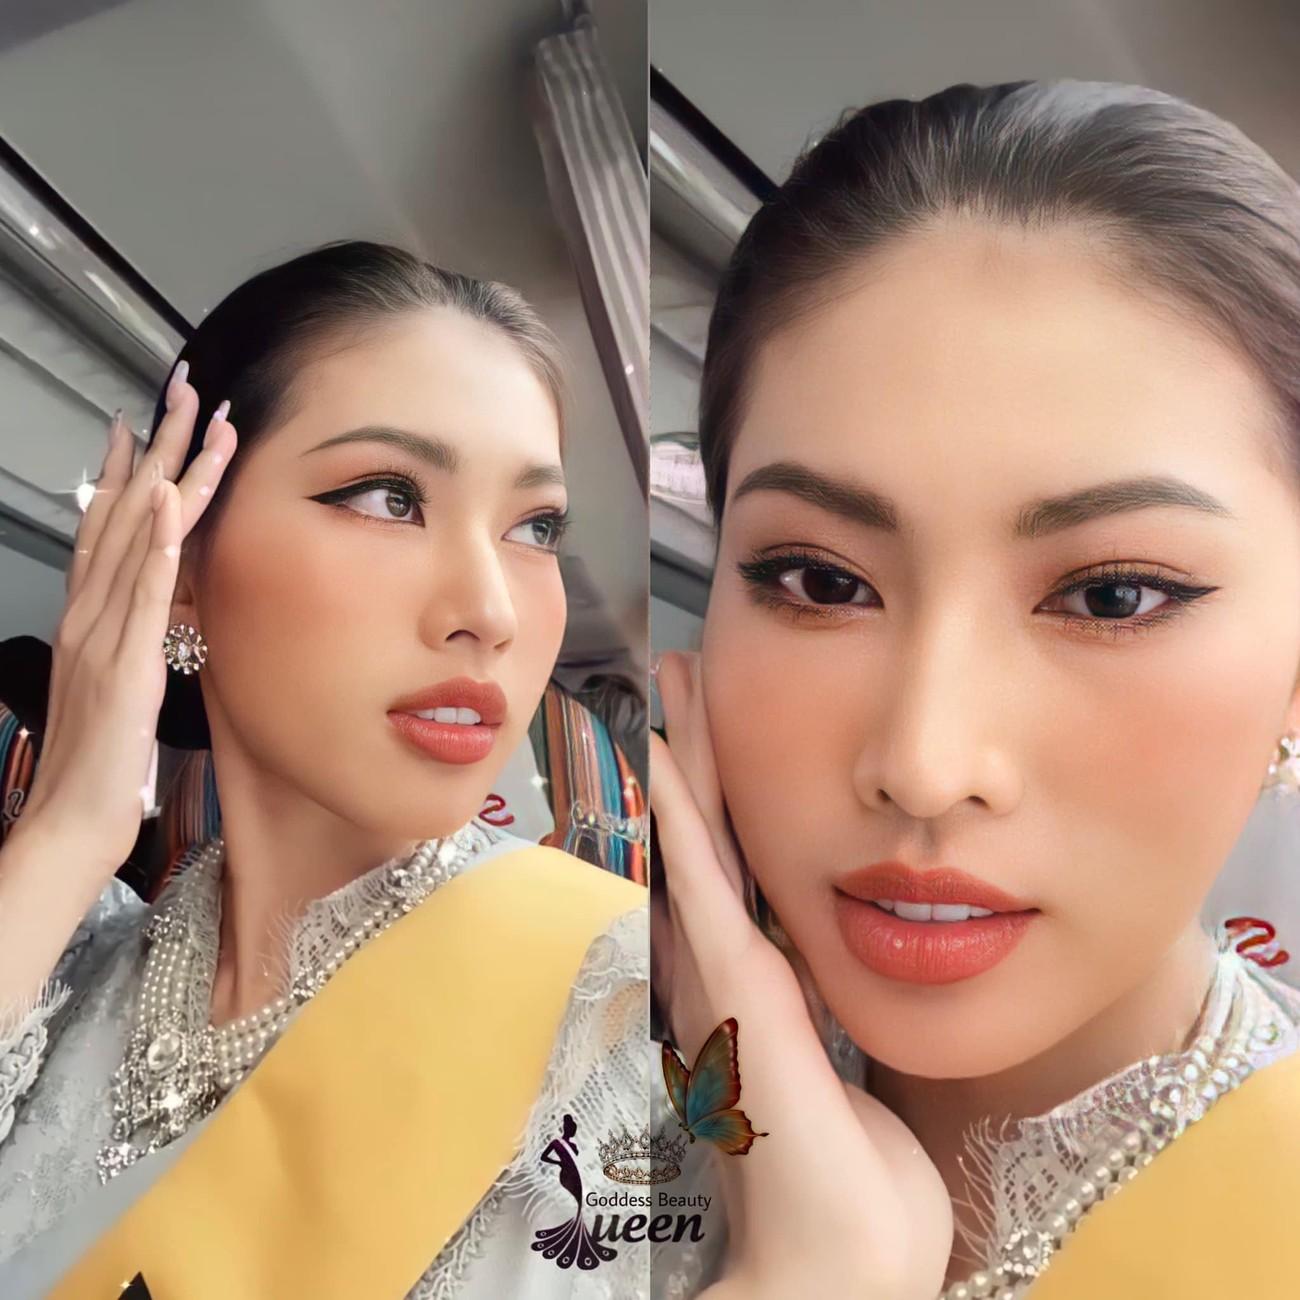 Ngày thứ 3 ở Miss Grand, Ngọc Thảo hoá gái Thái xinh đẹp đi vãn cảnh chùa Vàng ảnh 3